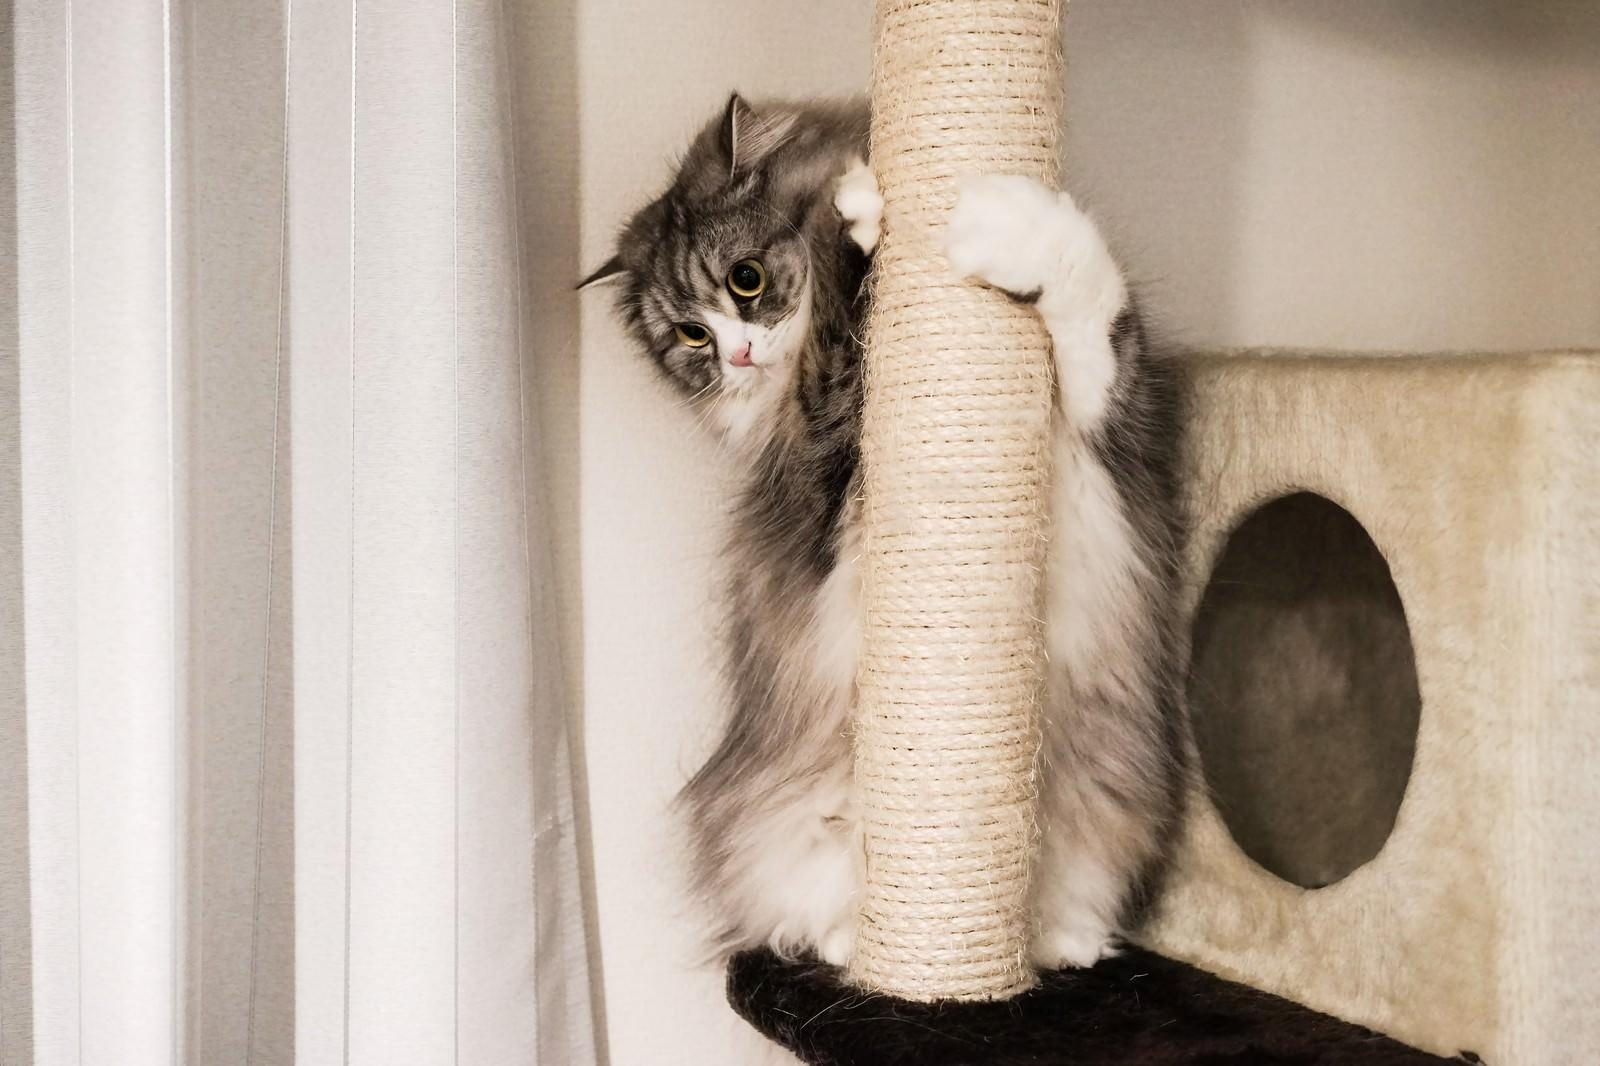 「猫タワーにしがみつくメス猫猫タワーにしがみつくメス猫」のフリー写真素材を拡大